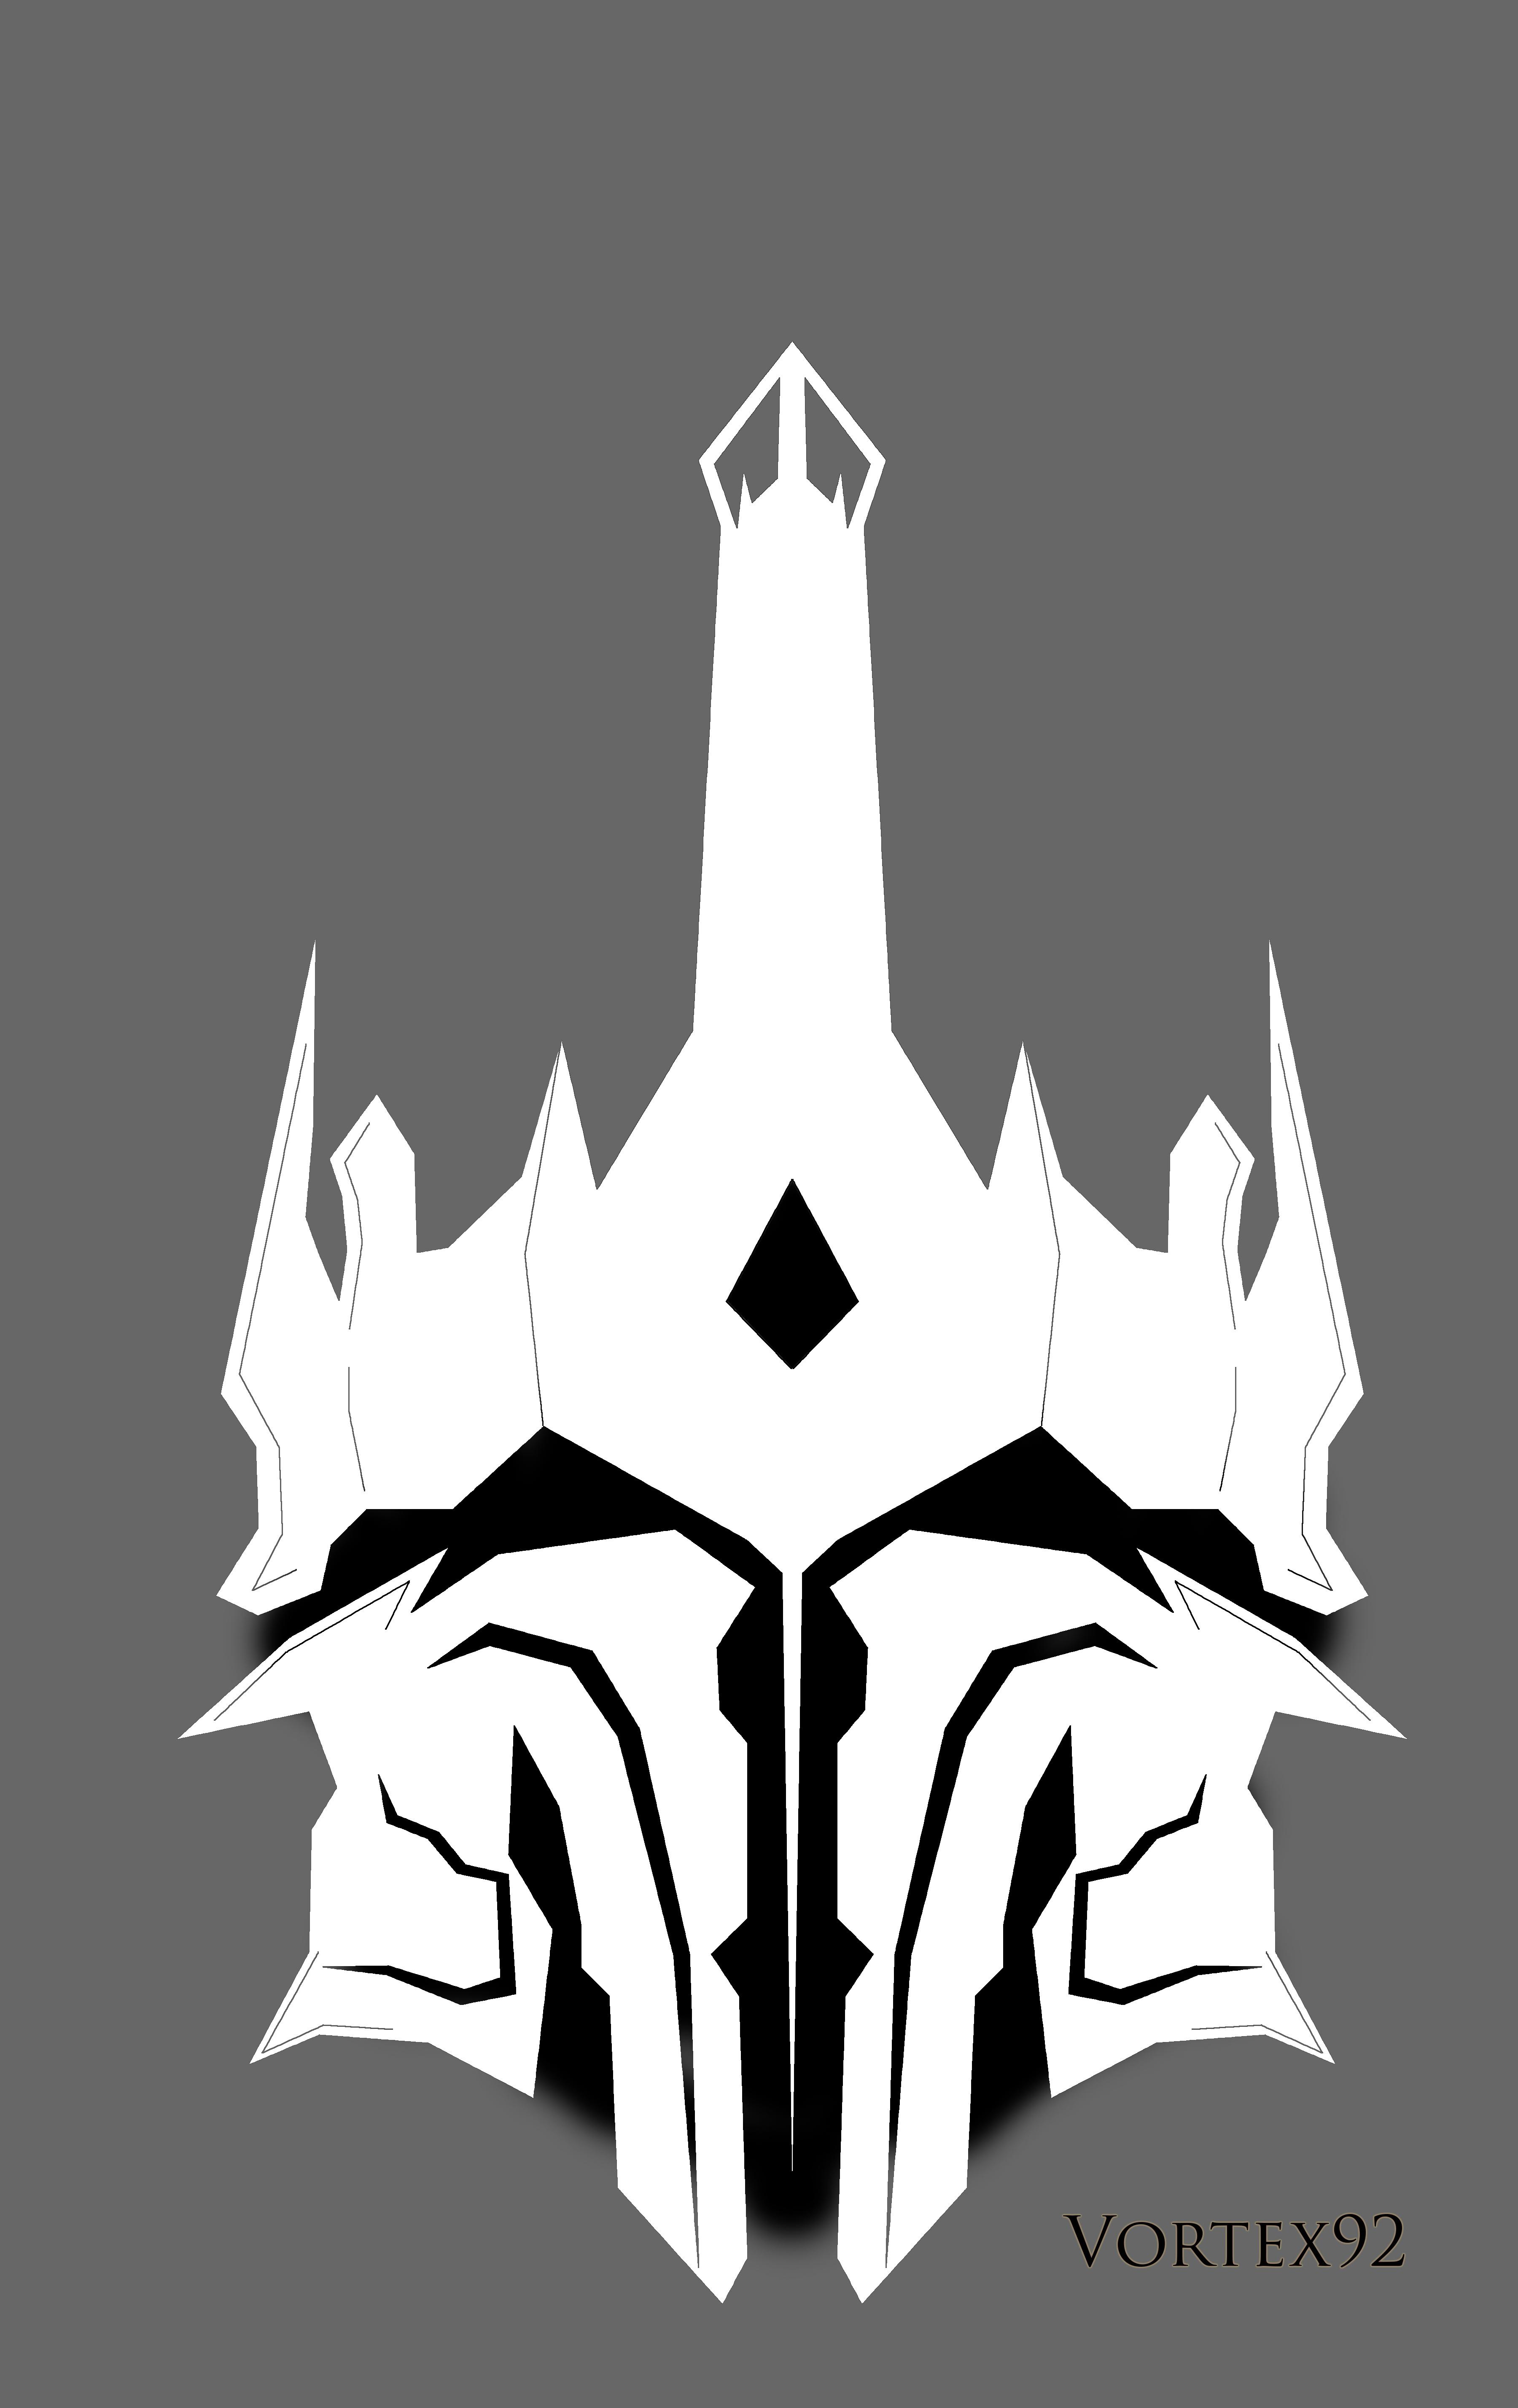 Sauron Helmet sketch by vortex92